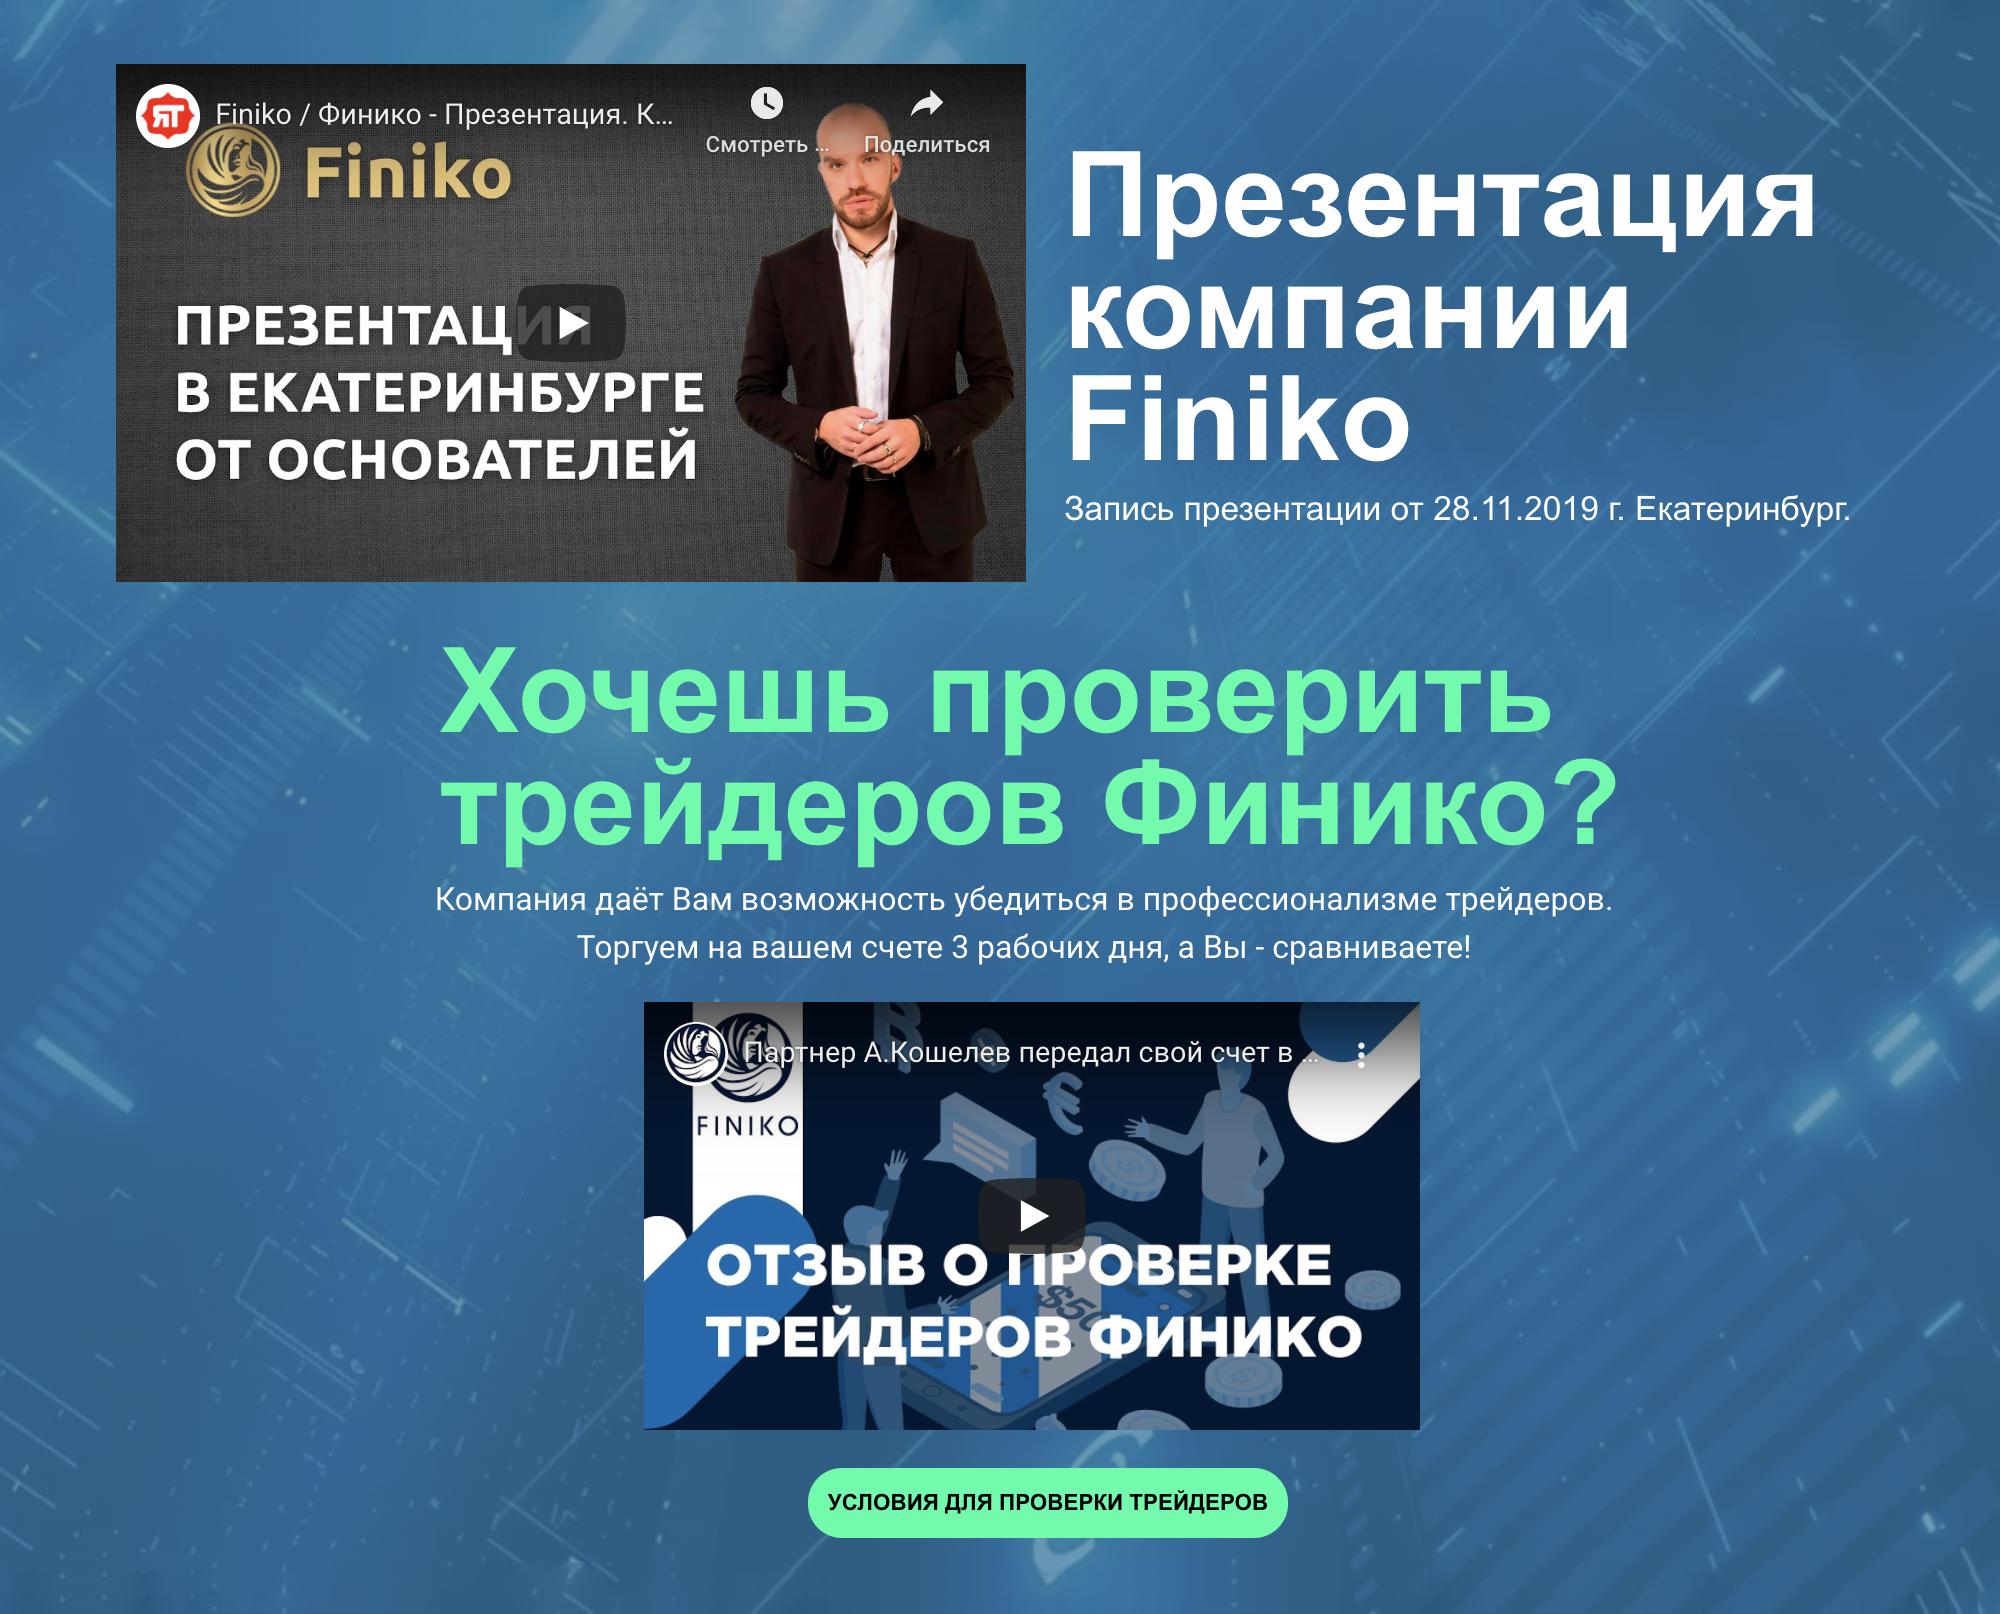 На сайте finiko.life «Финико» пишет, что торговлей занимаются ее трейдеры